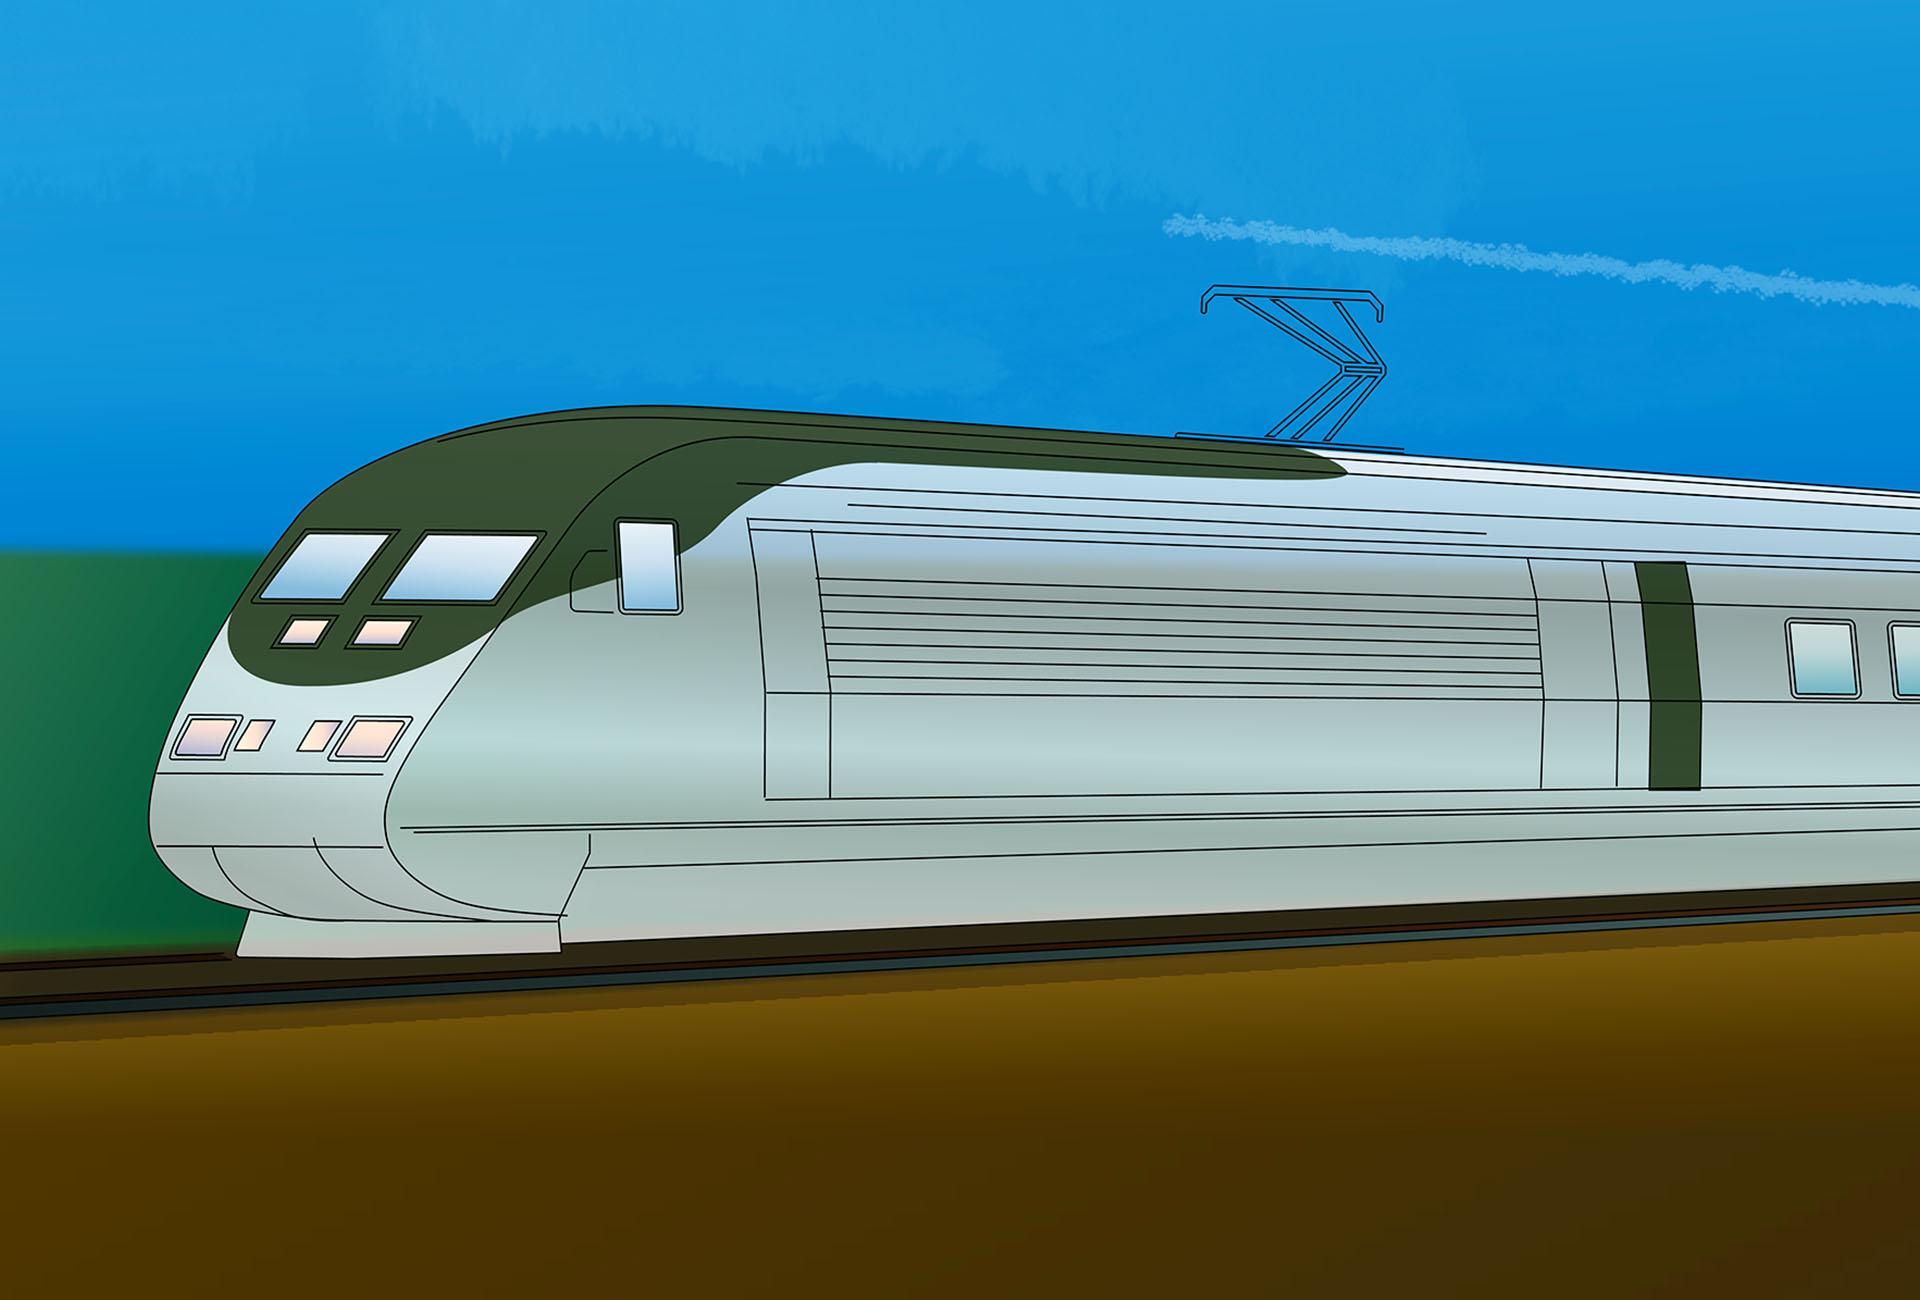 Nya X2000 fyra år försenad